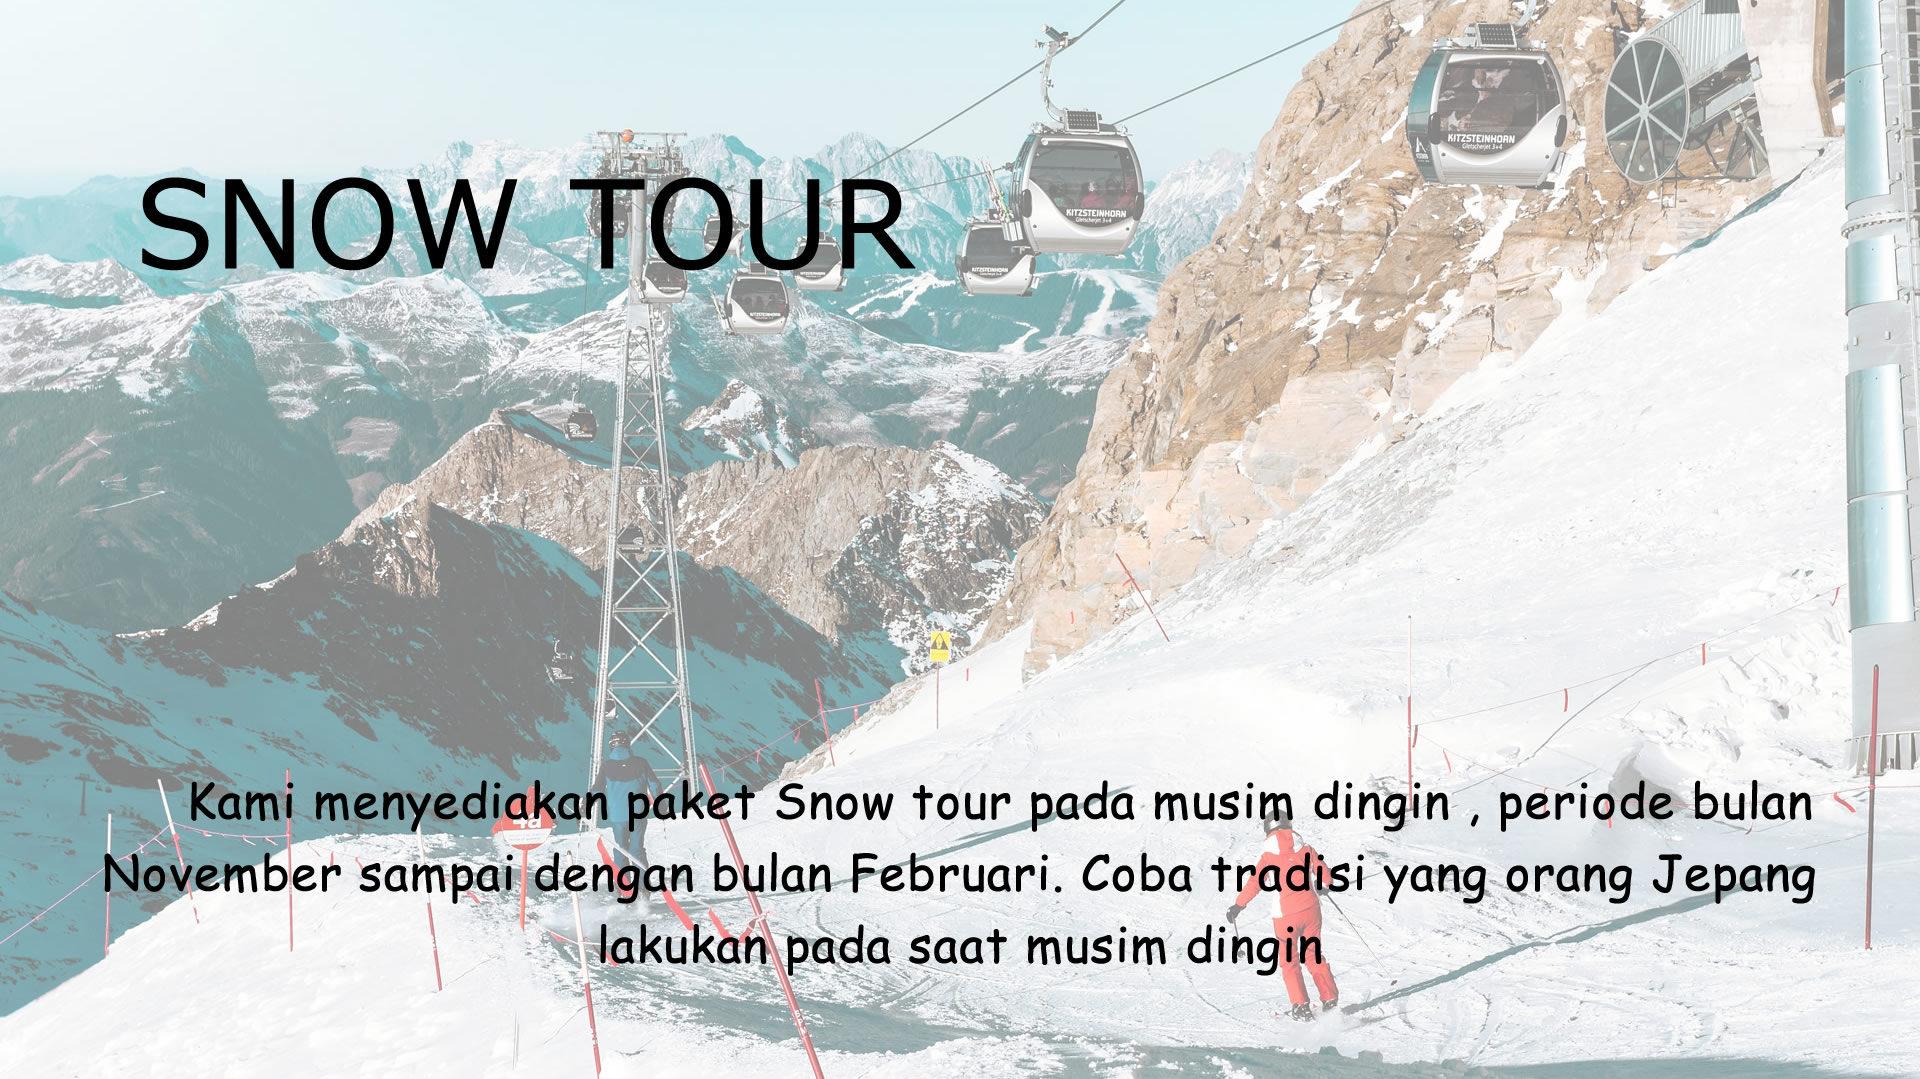 Kami menyediakan paket Snow tour pada musim dingin , periode bulan November sampai dengan bulan Februari. Coba tradisi yang orang Jepang lakukan pada saat musim dingin